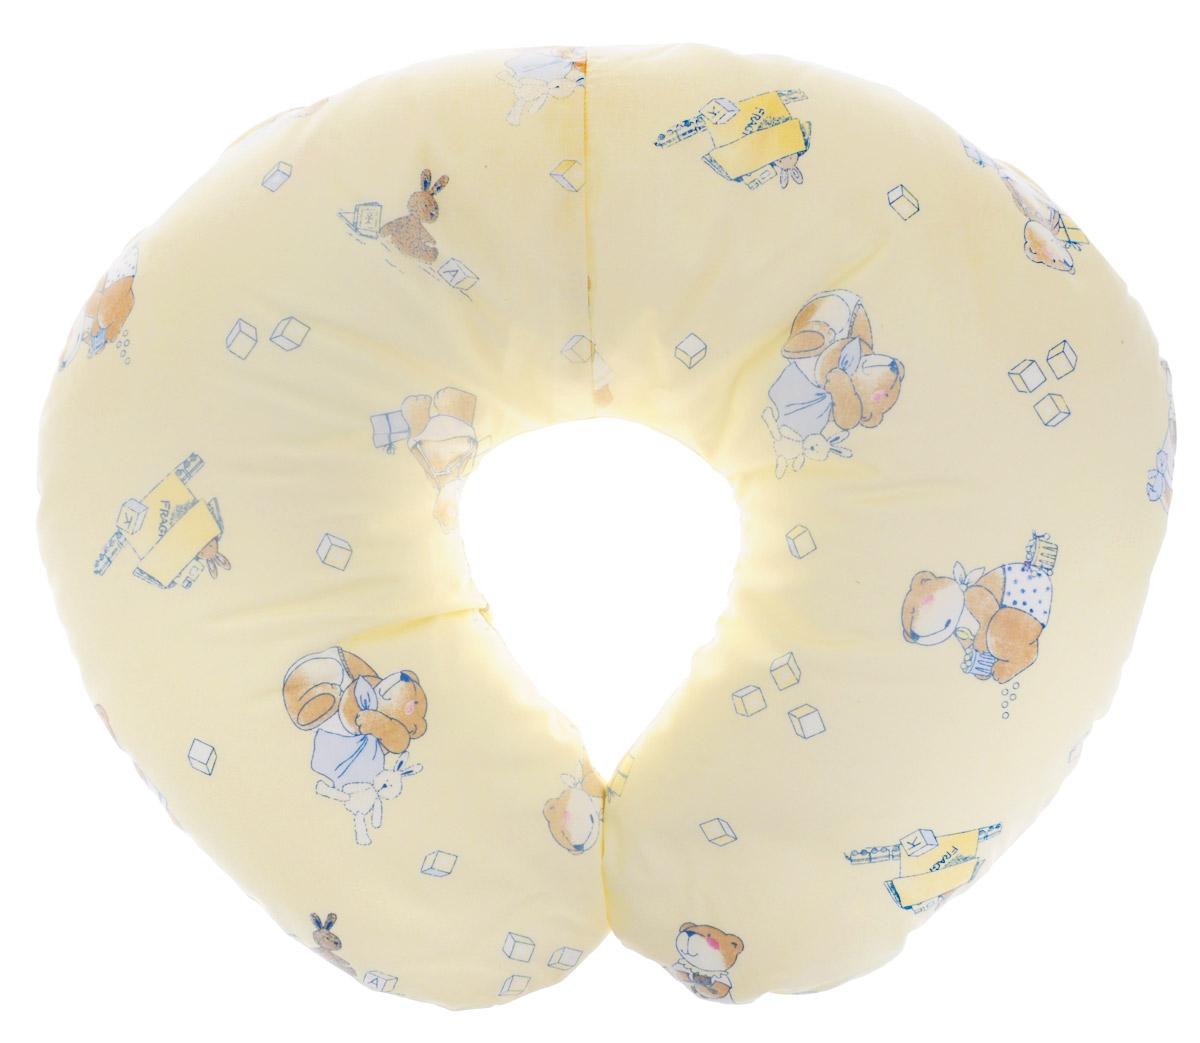 Plantex Подушка для кормящих и беременных мам Comfy Small Мишка и заяц цвет желтый1030_миша и заяц бежПодушка для кормящих и беременных мам Plantex Comfy Small. Мишка и Заяц идеальна для удобства ребенка и его родителей. Зачастую именно эта модель называется подушкой для беременных. Ведь она создана именно для будущих мам с учетом всех анатомических особенностей в этот период. На любом сроке беременности она бережно поддержит растущий животик и поможет сохранить комфортное и безопасное положение во время сна. Также подушка идеально подходит для кормления уже появившегося малыша. Позже многофункциональная подушка поможет ему сохранить равновесие при первых попытках сесть. Чехол подушки выполнен из 100 % хлопка и снабжен застежкой-молнией, что позволяет без труда снять и постирать его. Наполнителем подушки служат полистироловые шарики - экологичные, не деформируются сами и хорошо сохраняют форму подушки. Подушка для кормящих и беременных мам - это удобная и практичная вещь, которая прослужит вам долгое время. Подушка поставляется в практичной сумке-чехле.